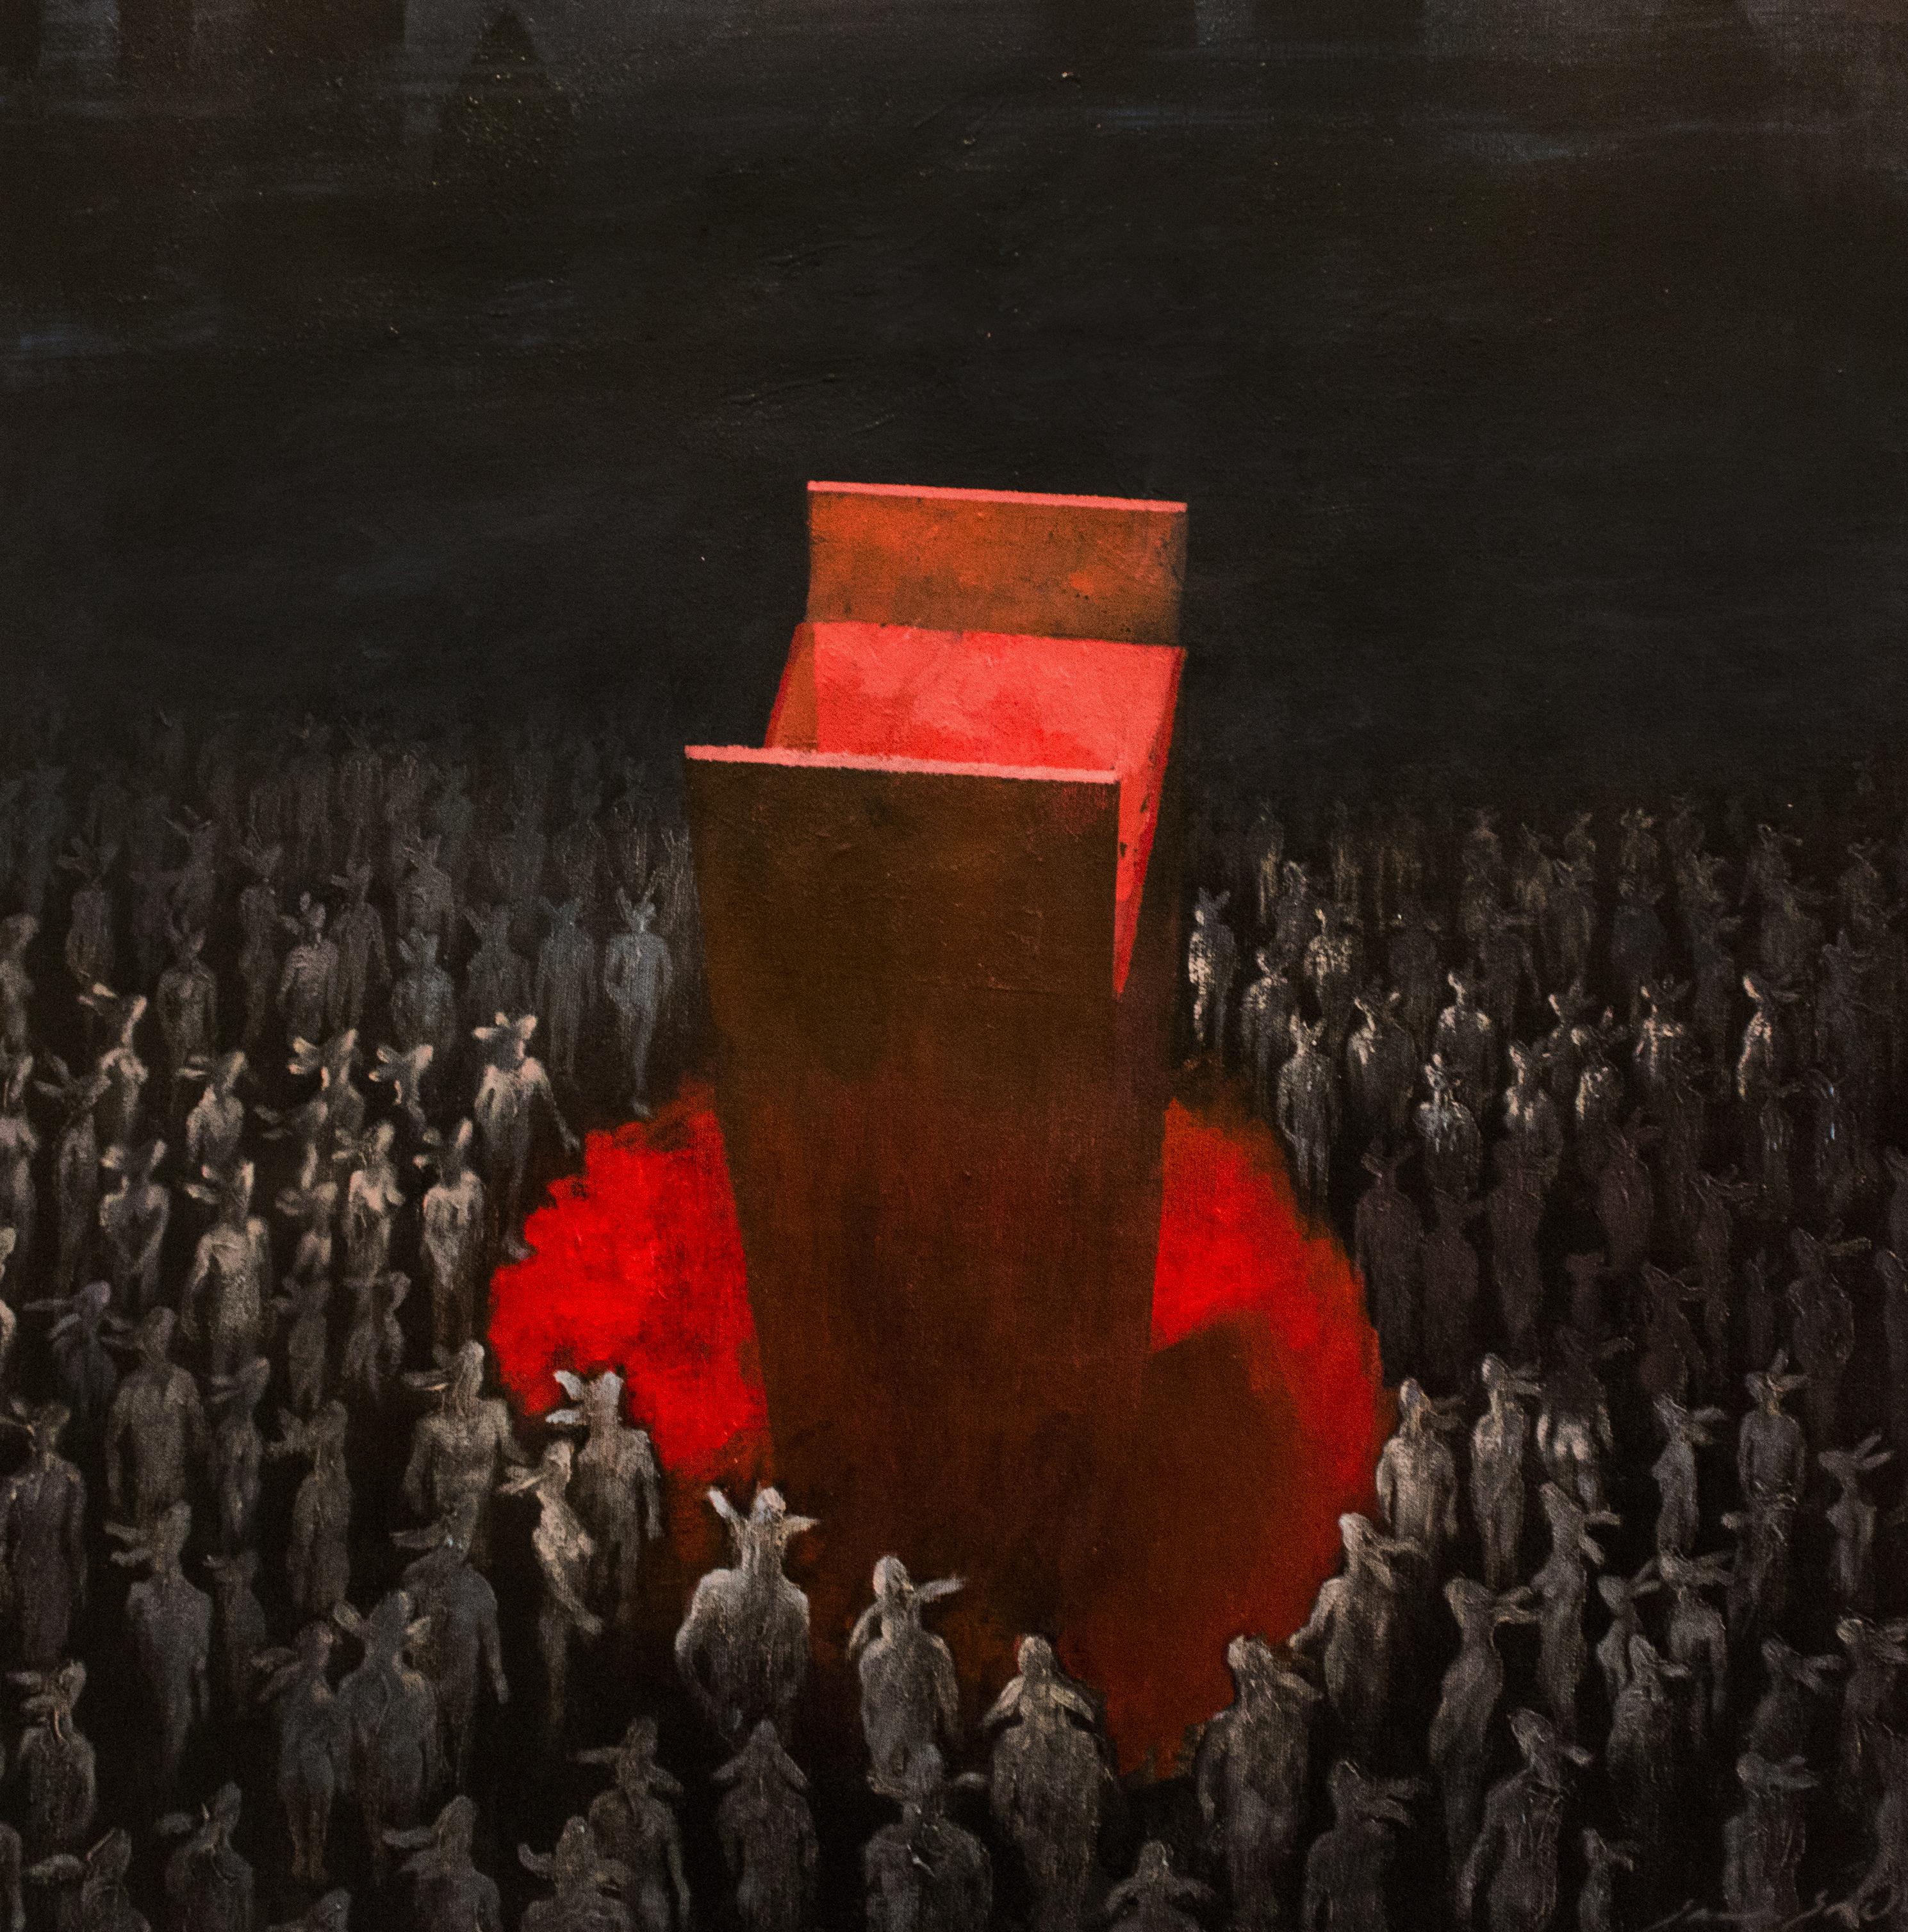 Gran caja roja, 2014